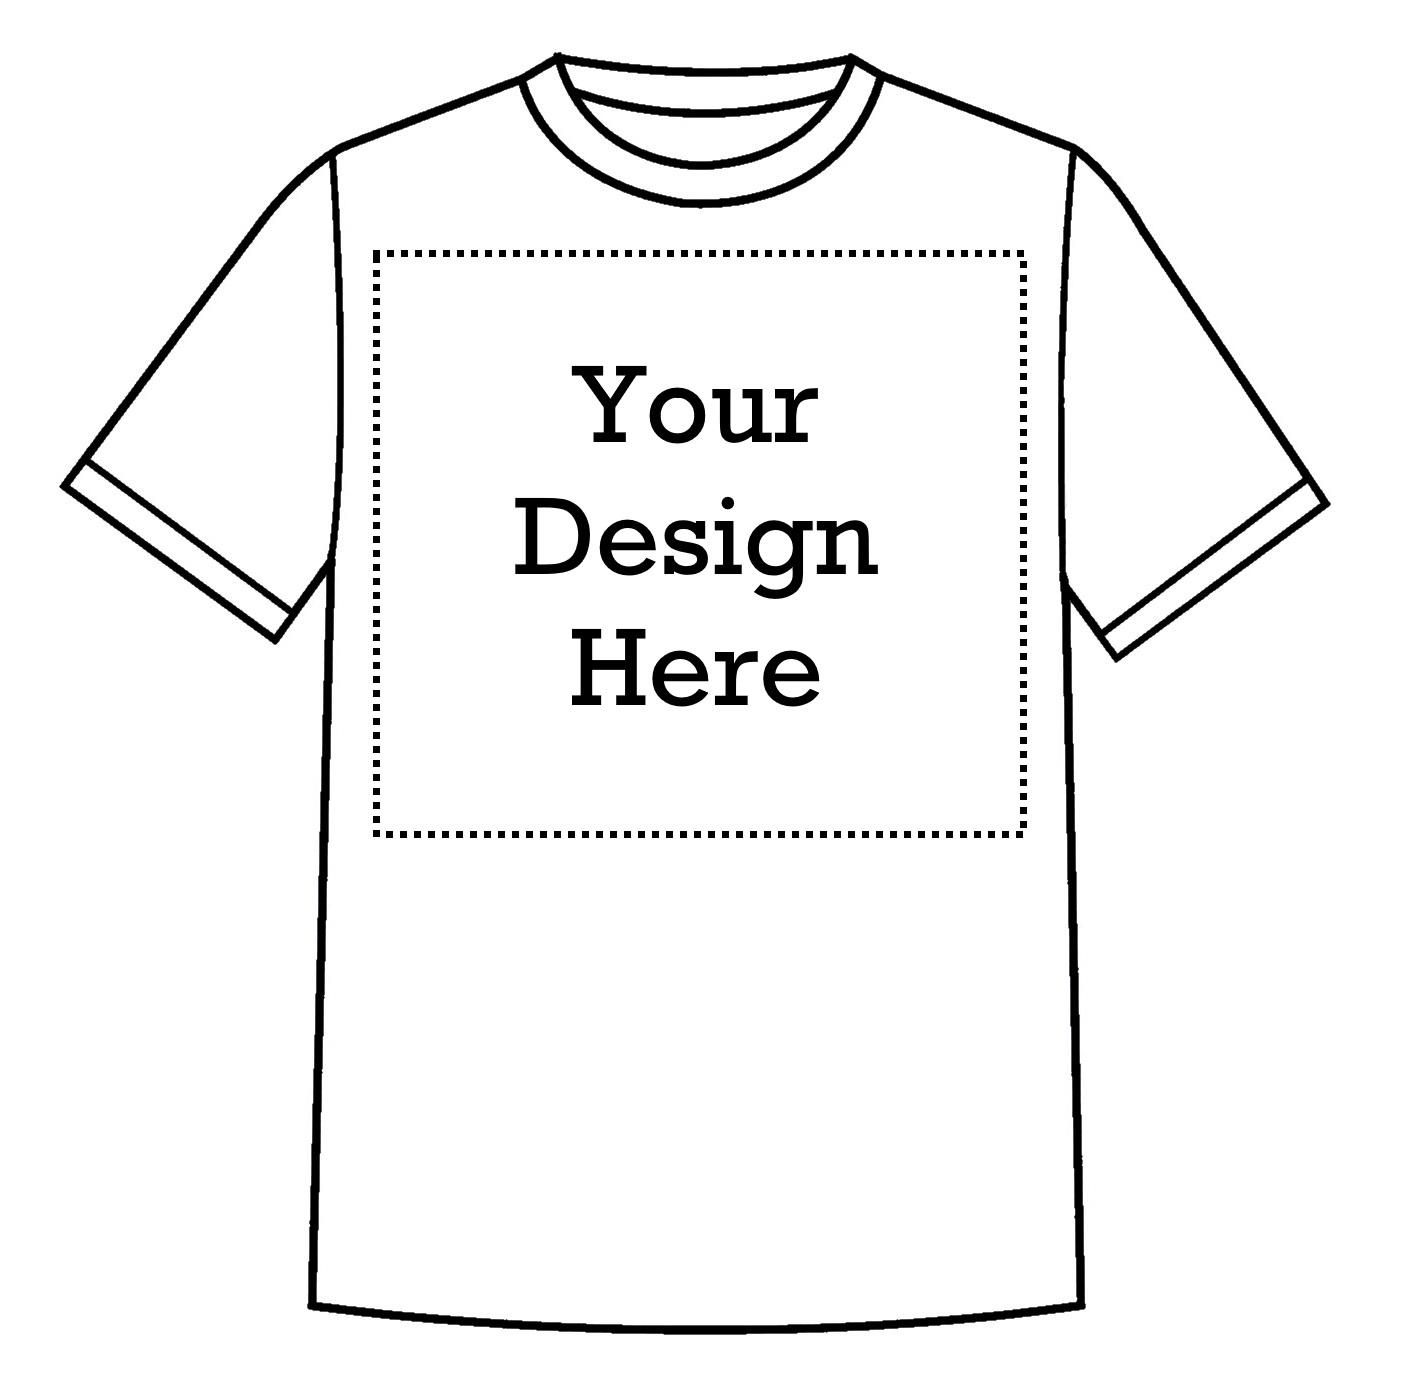 d6c79a0c1 Running Race T Shirt Designs - DREAMWORKS